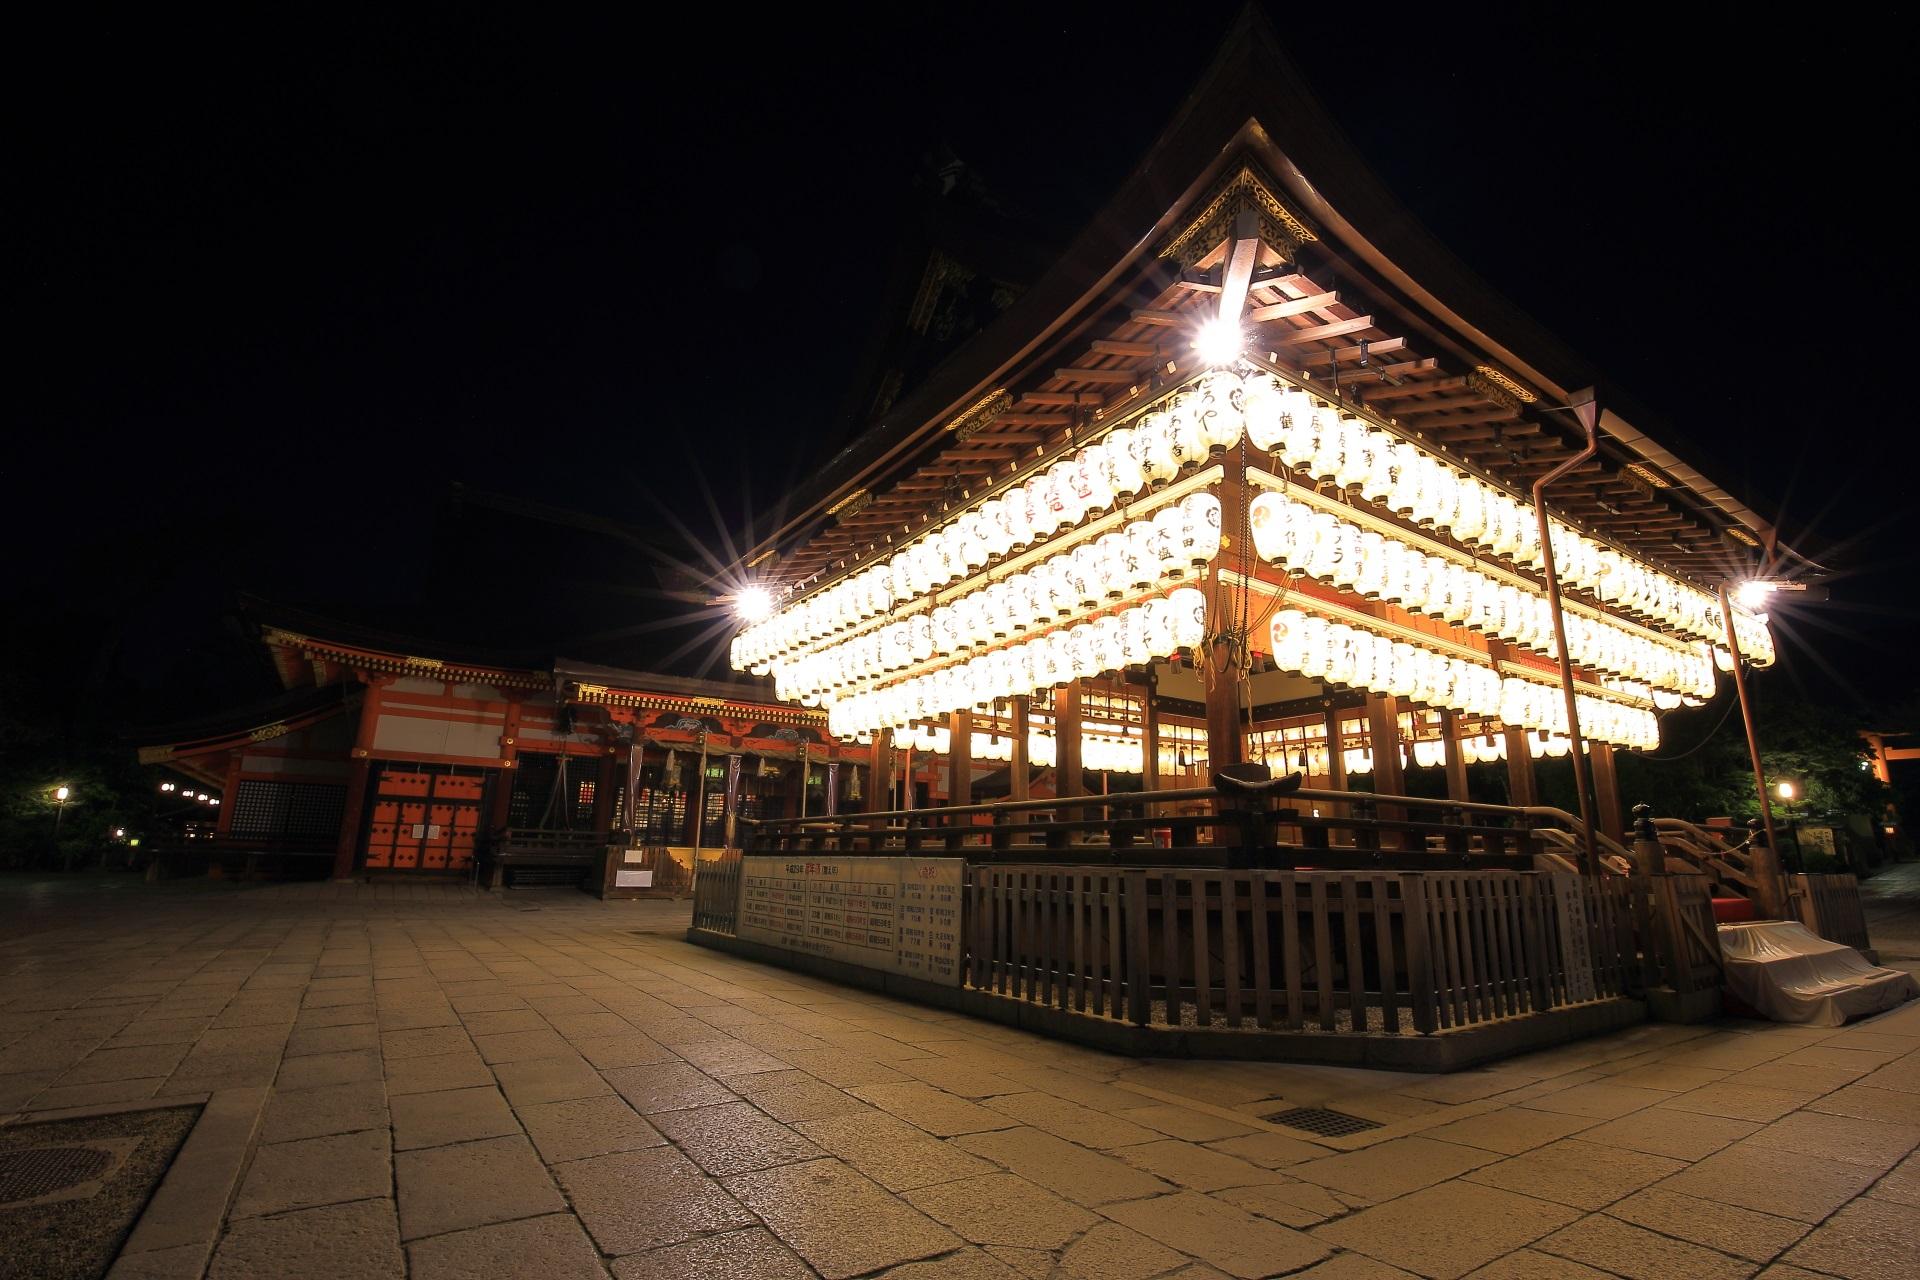 幻想的な夜の八坂神社の拝殿と本殿